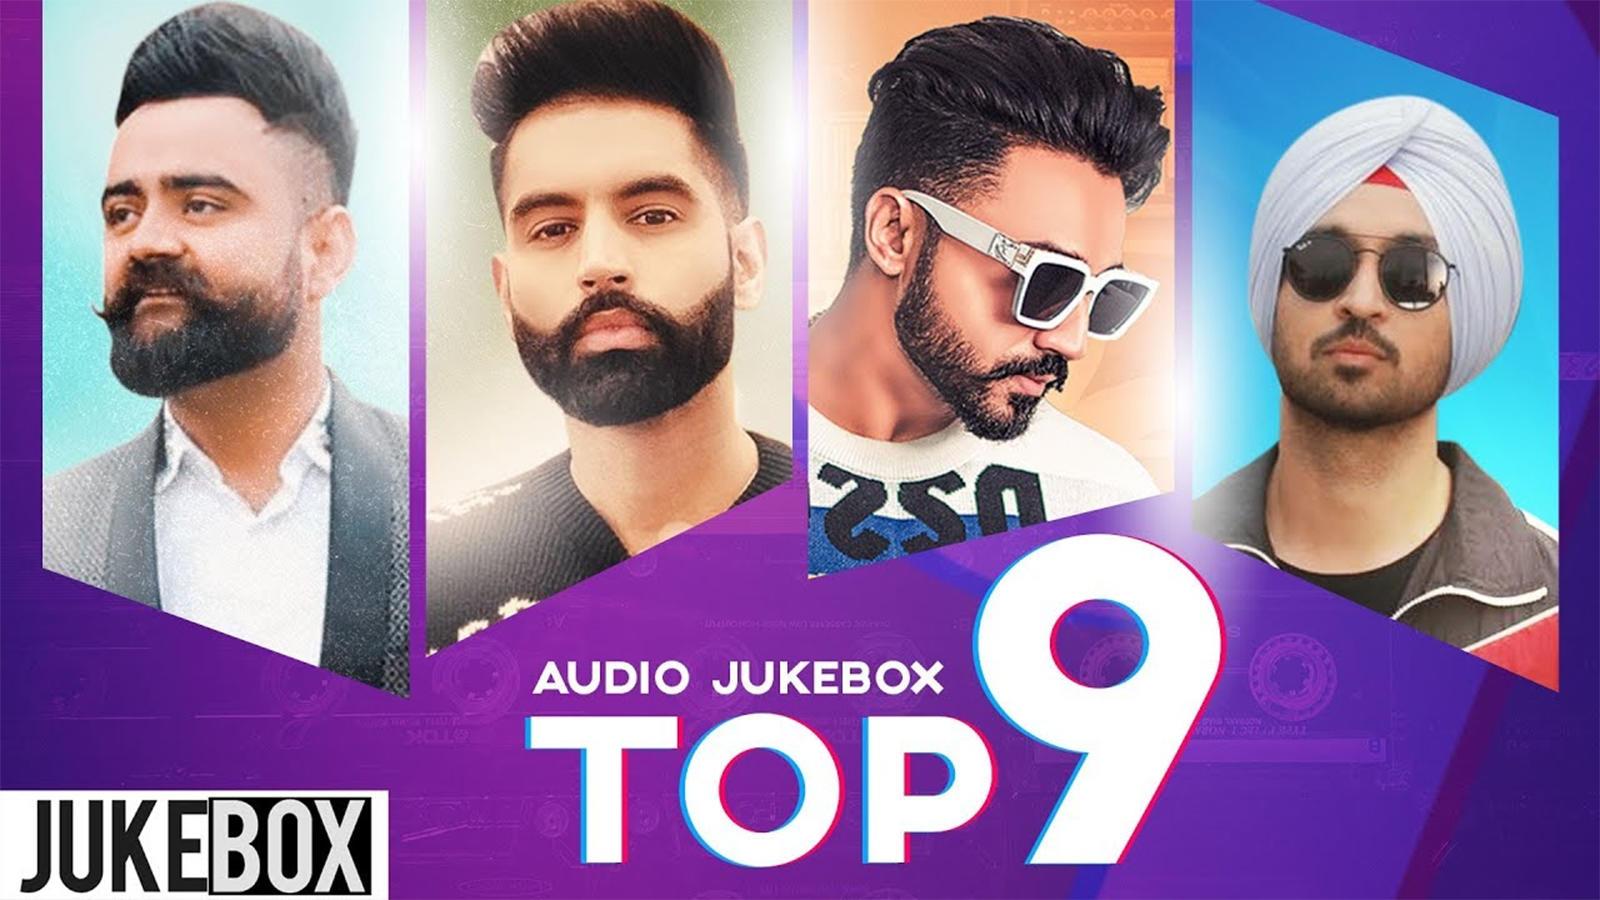 Top 9 Punjabi Hit | Audio Jukebox | Punjabi Songs